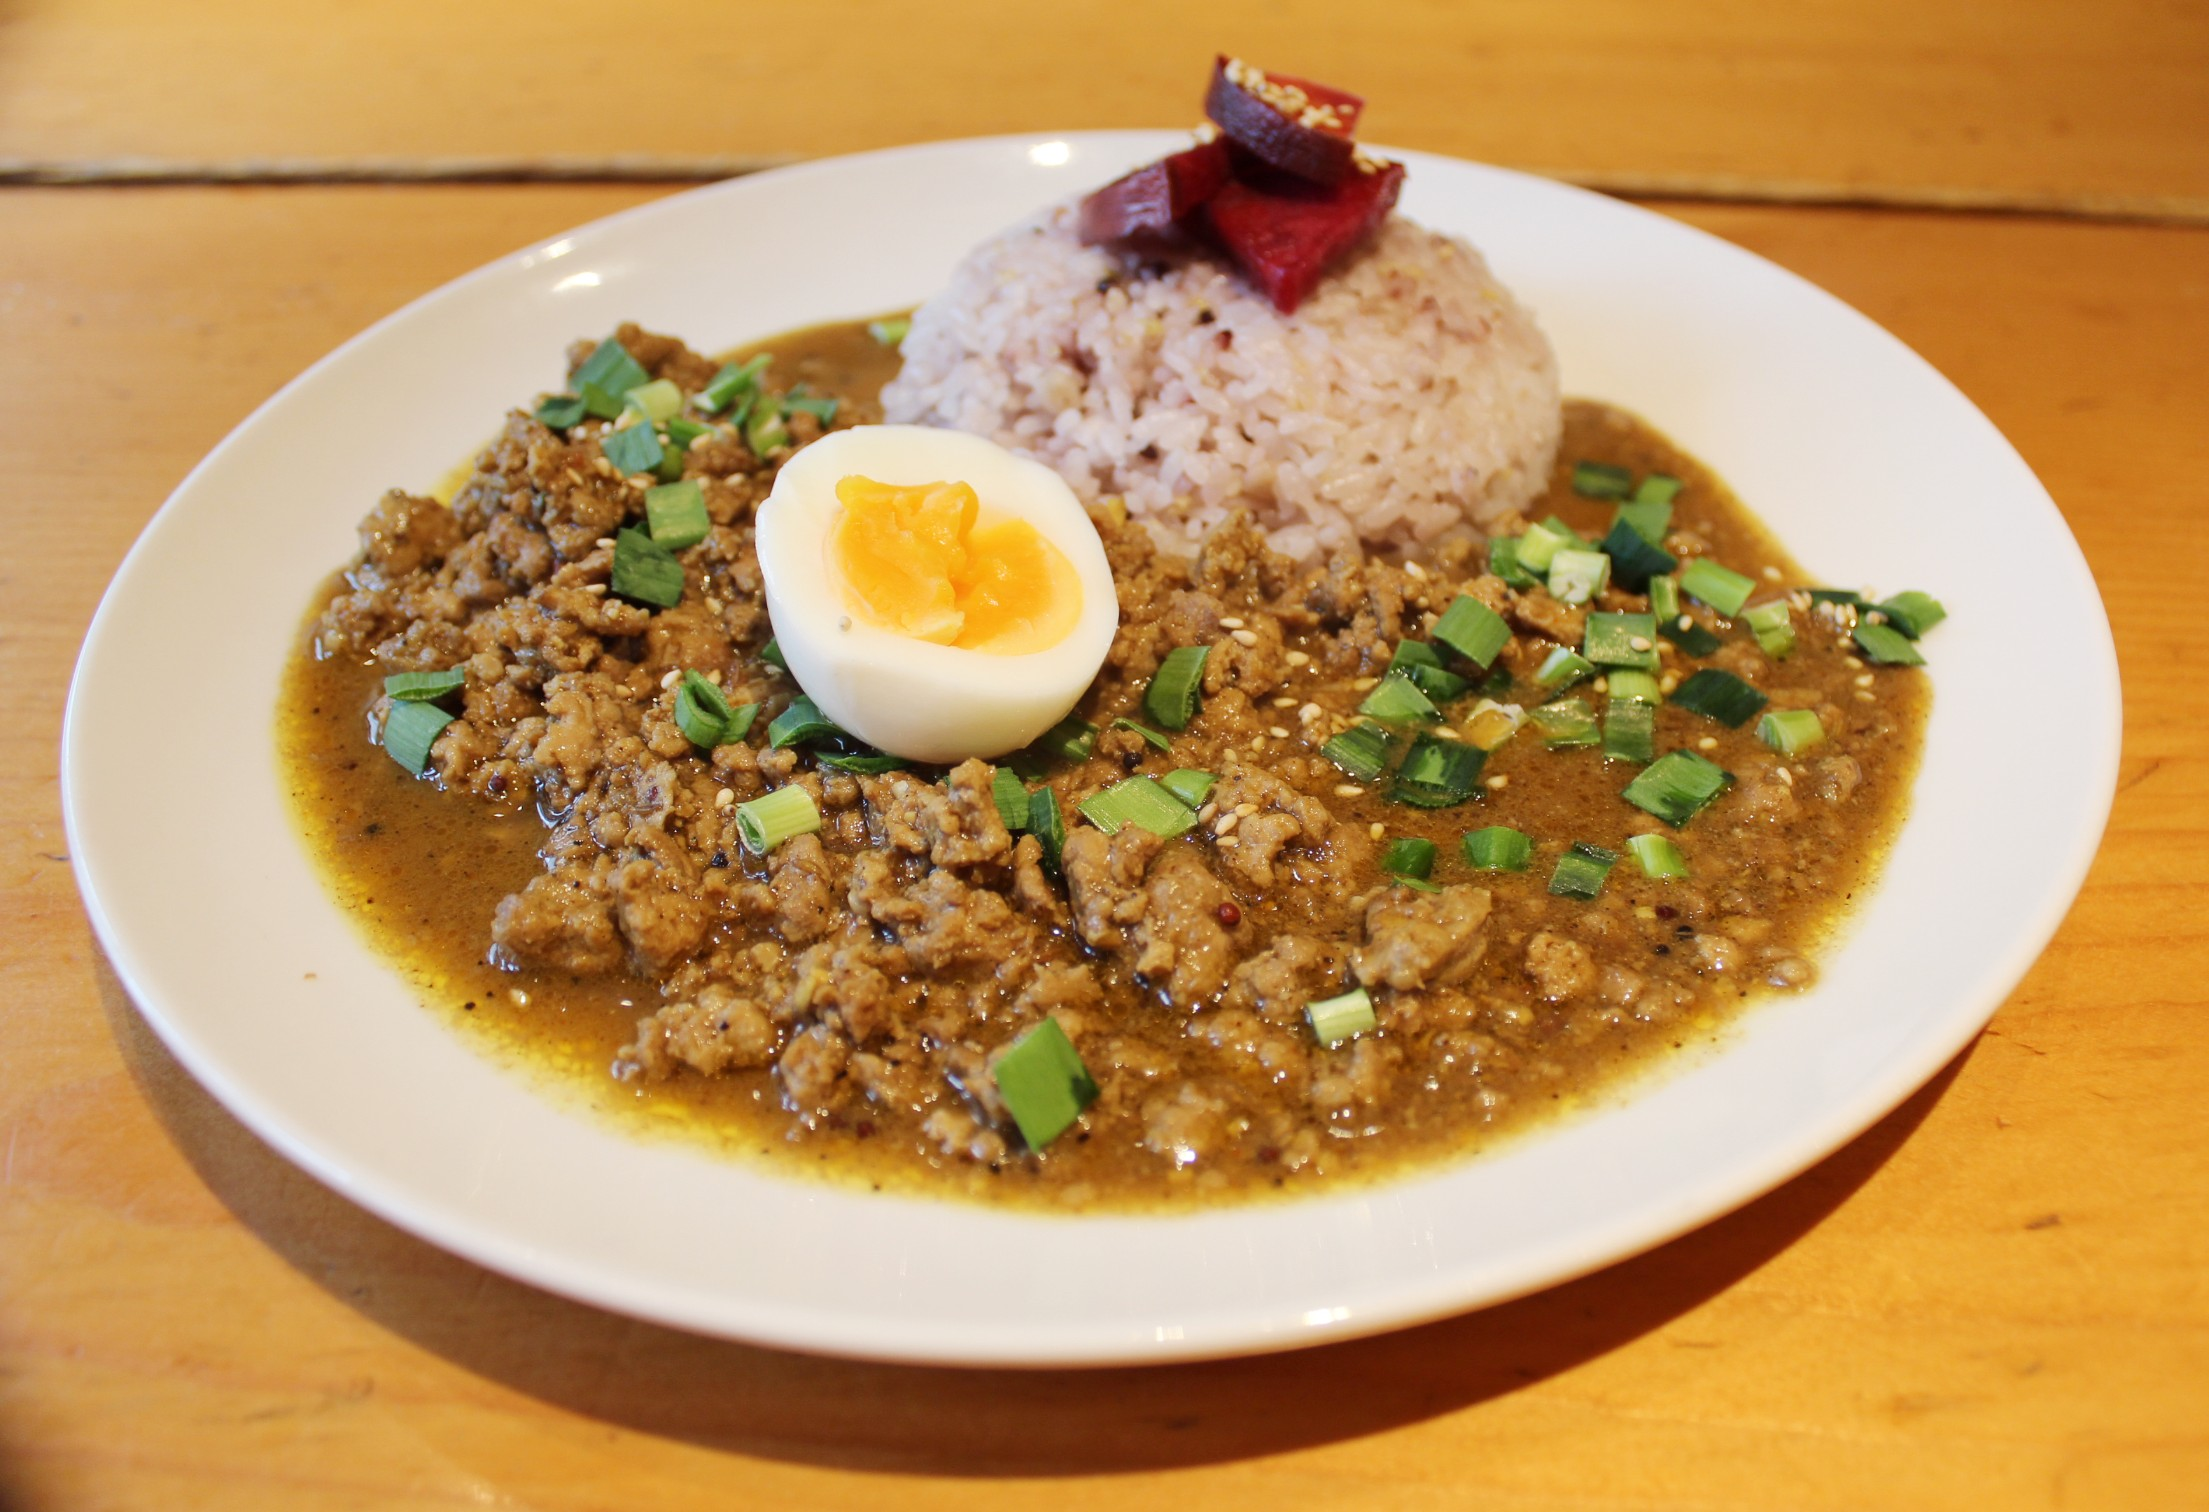 三鷹「ユーカリ食堂」のスパイシーカレー定食